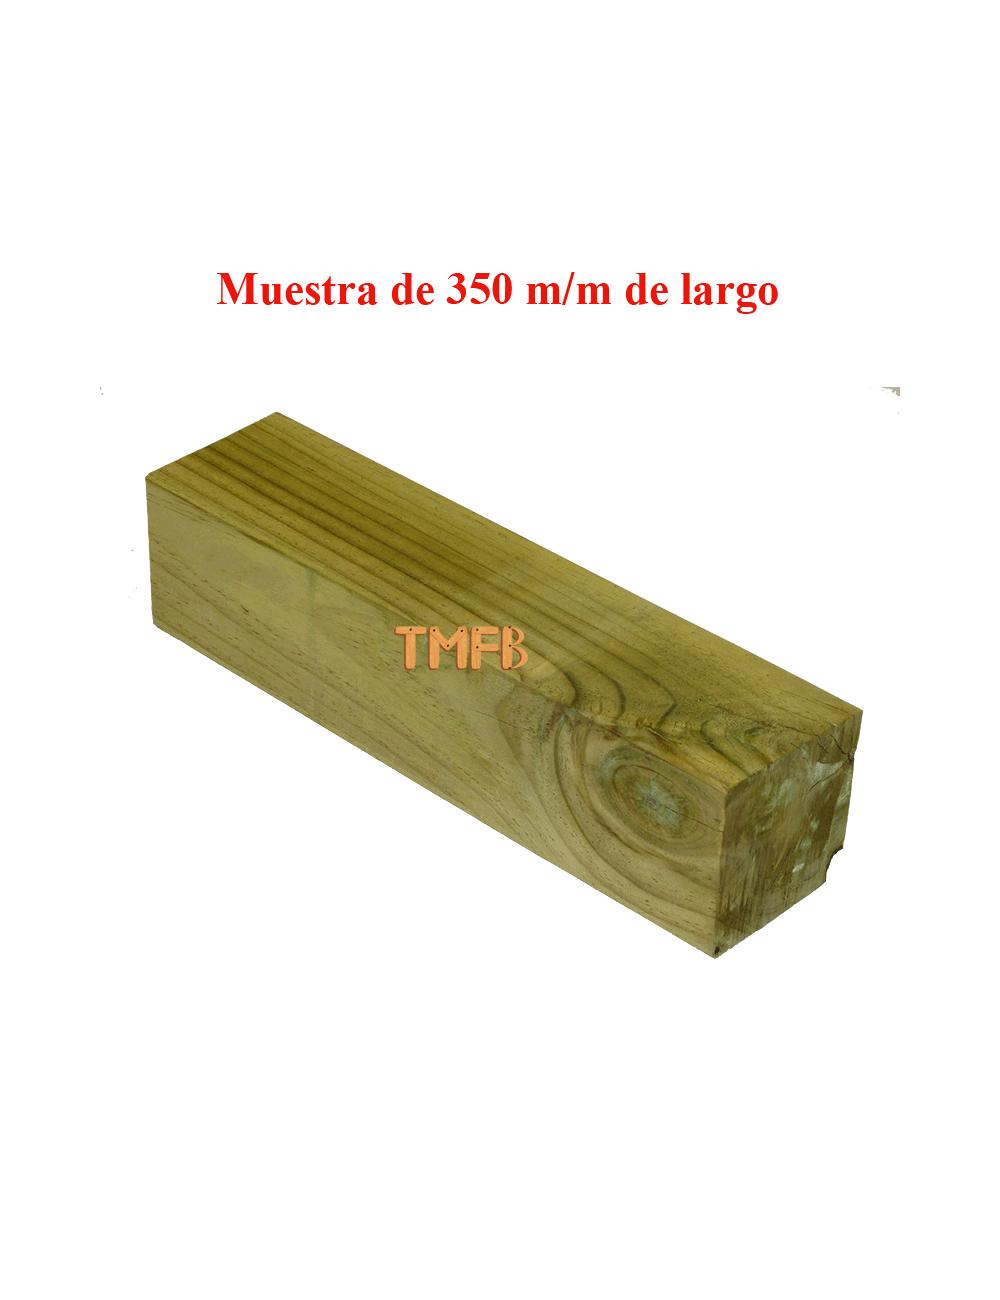 RASTREL PINO INSIGNIS TRATADO R-3 87X87X3000 mm